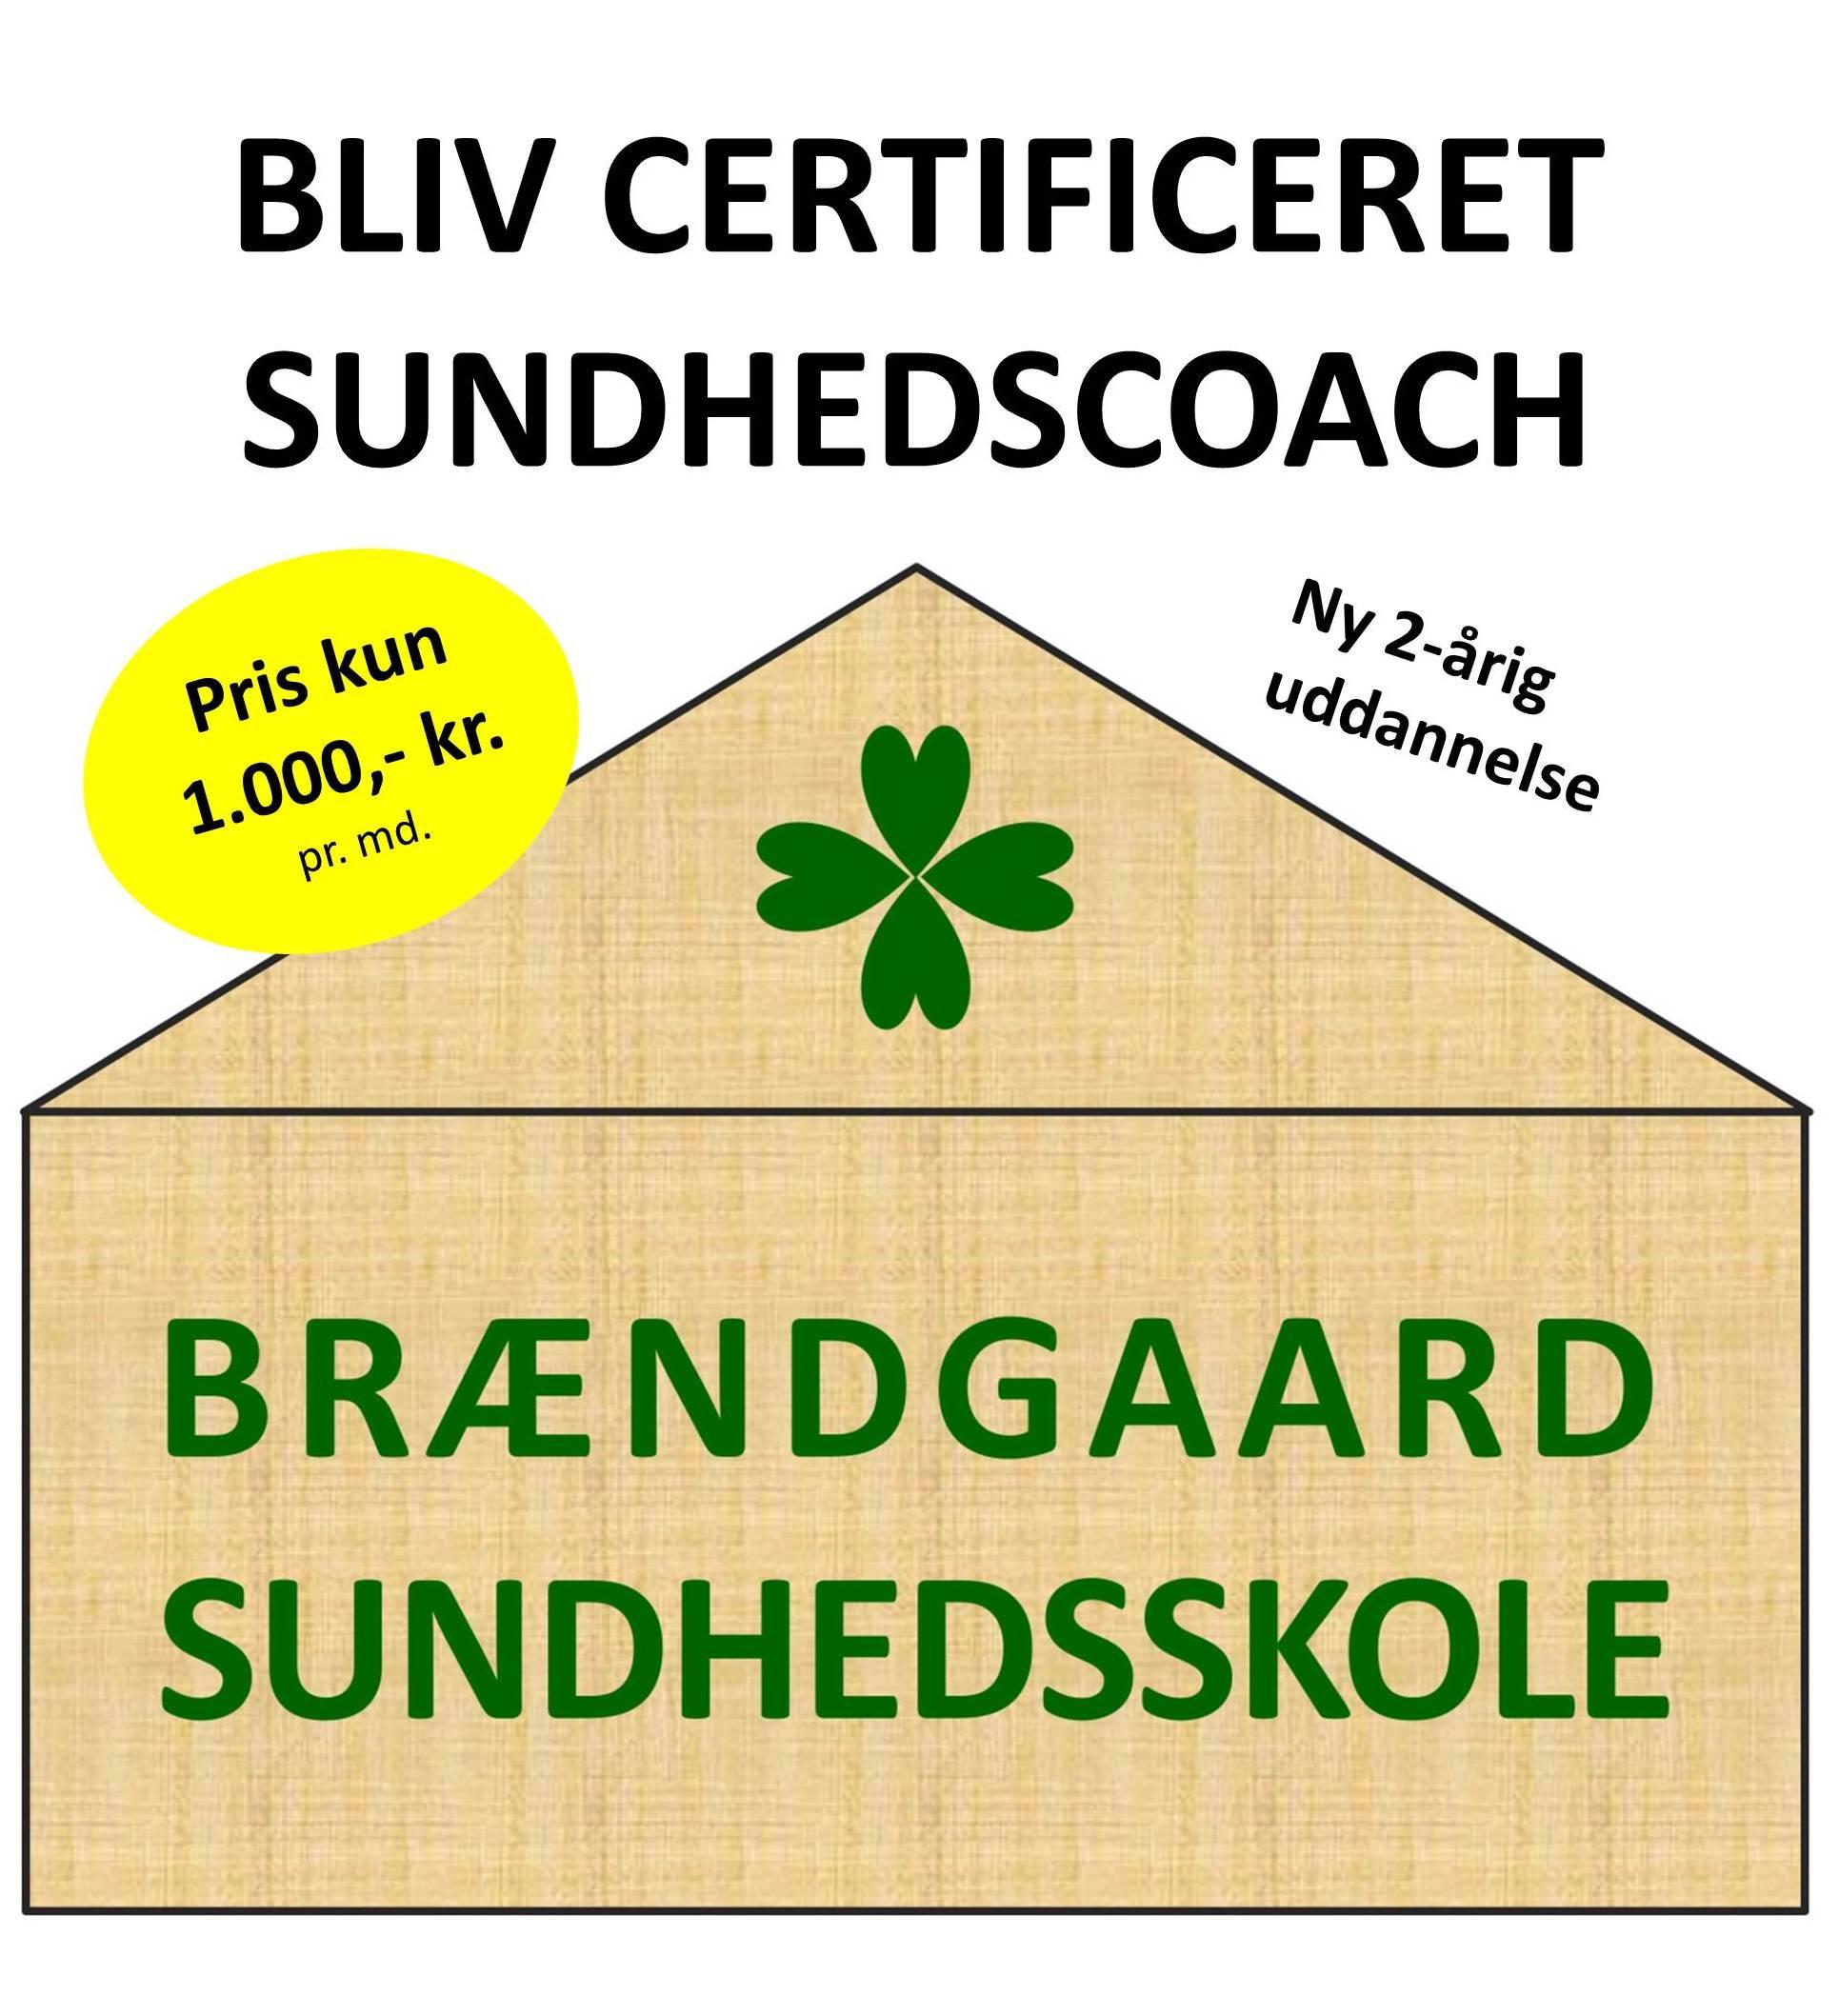 Bliv certificeret sundhedscoach på Brændgaard Sundhedsskole